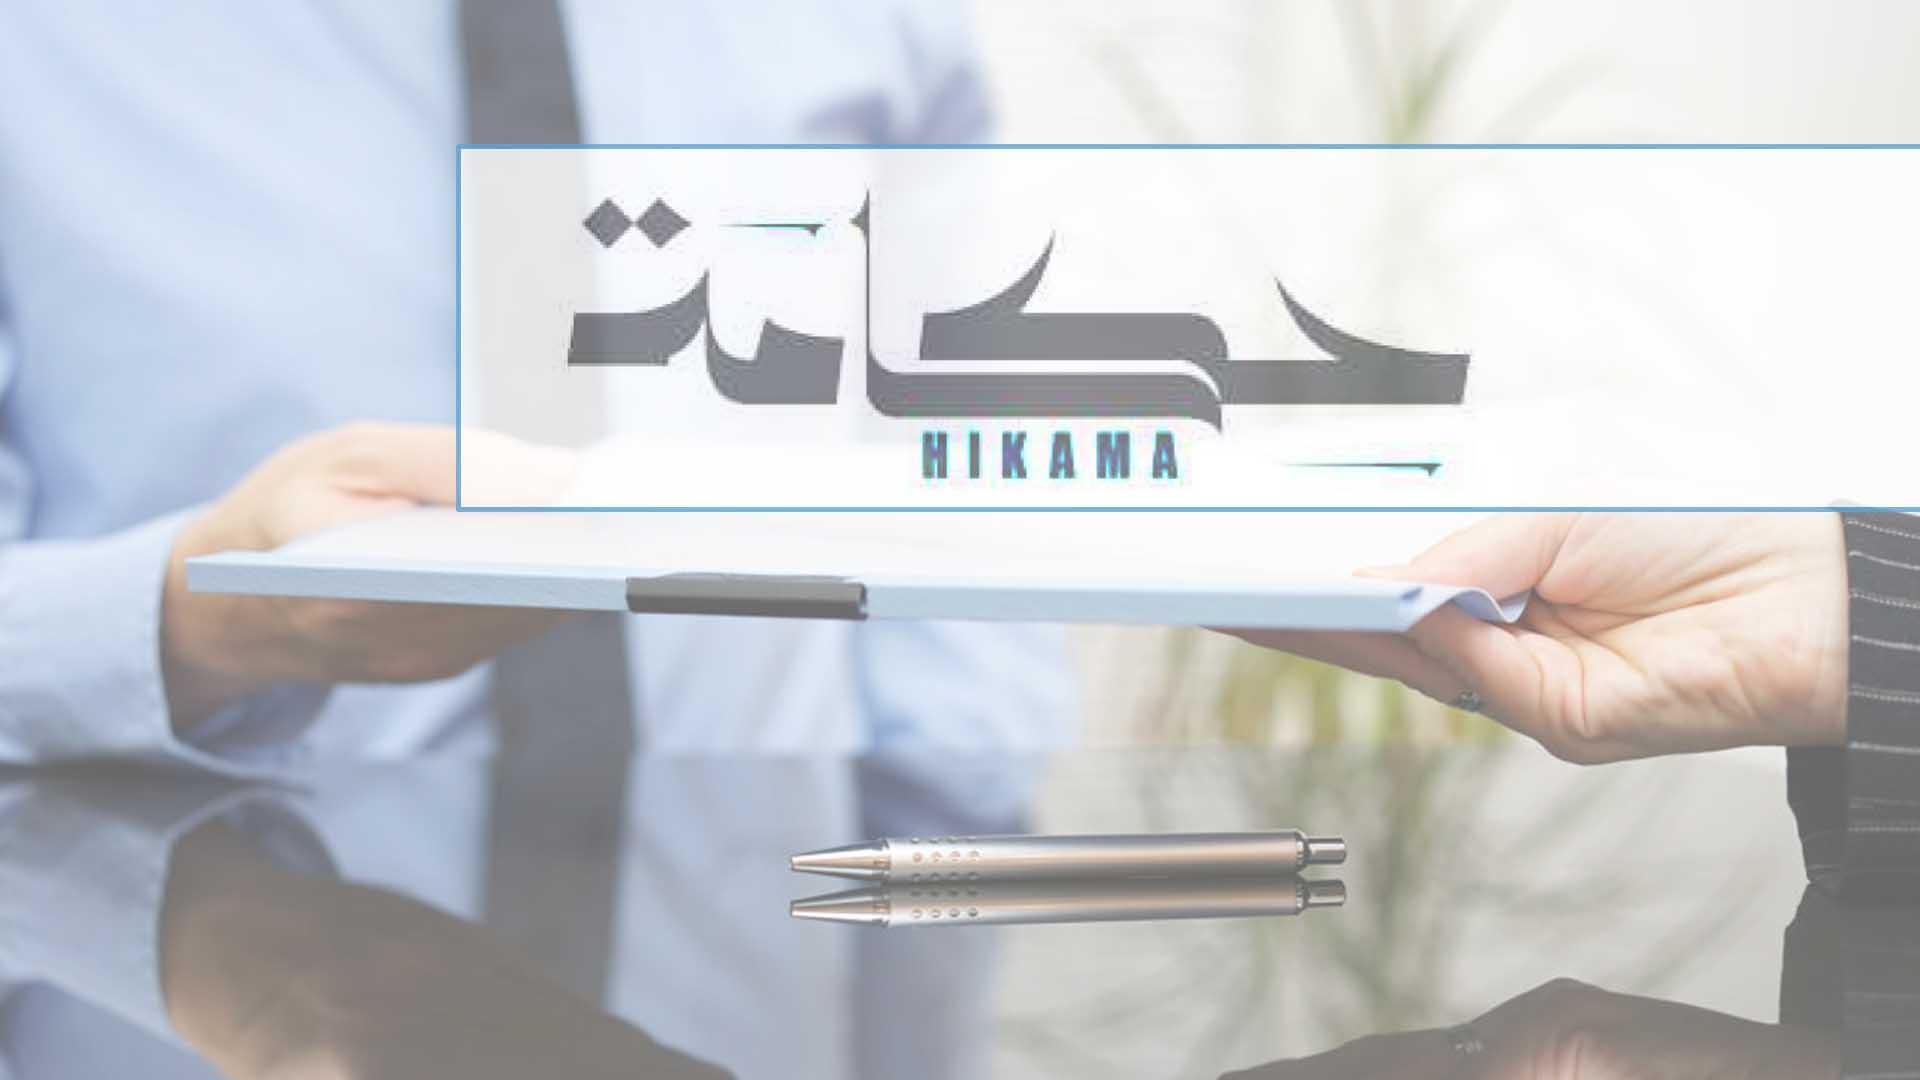 العدد الأول من دورية حِكامة عن المركز العربي ومعهد الدوحة